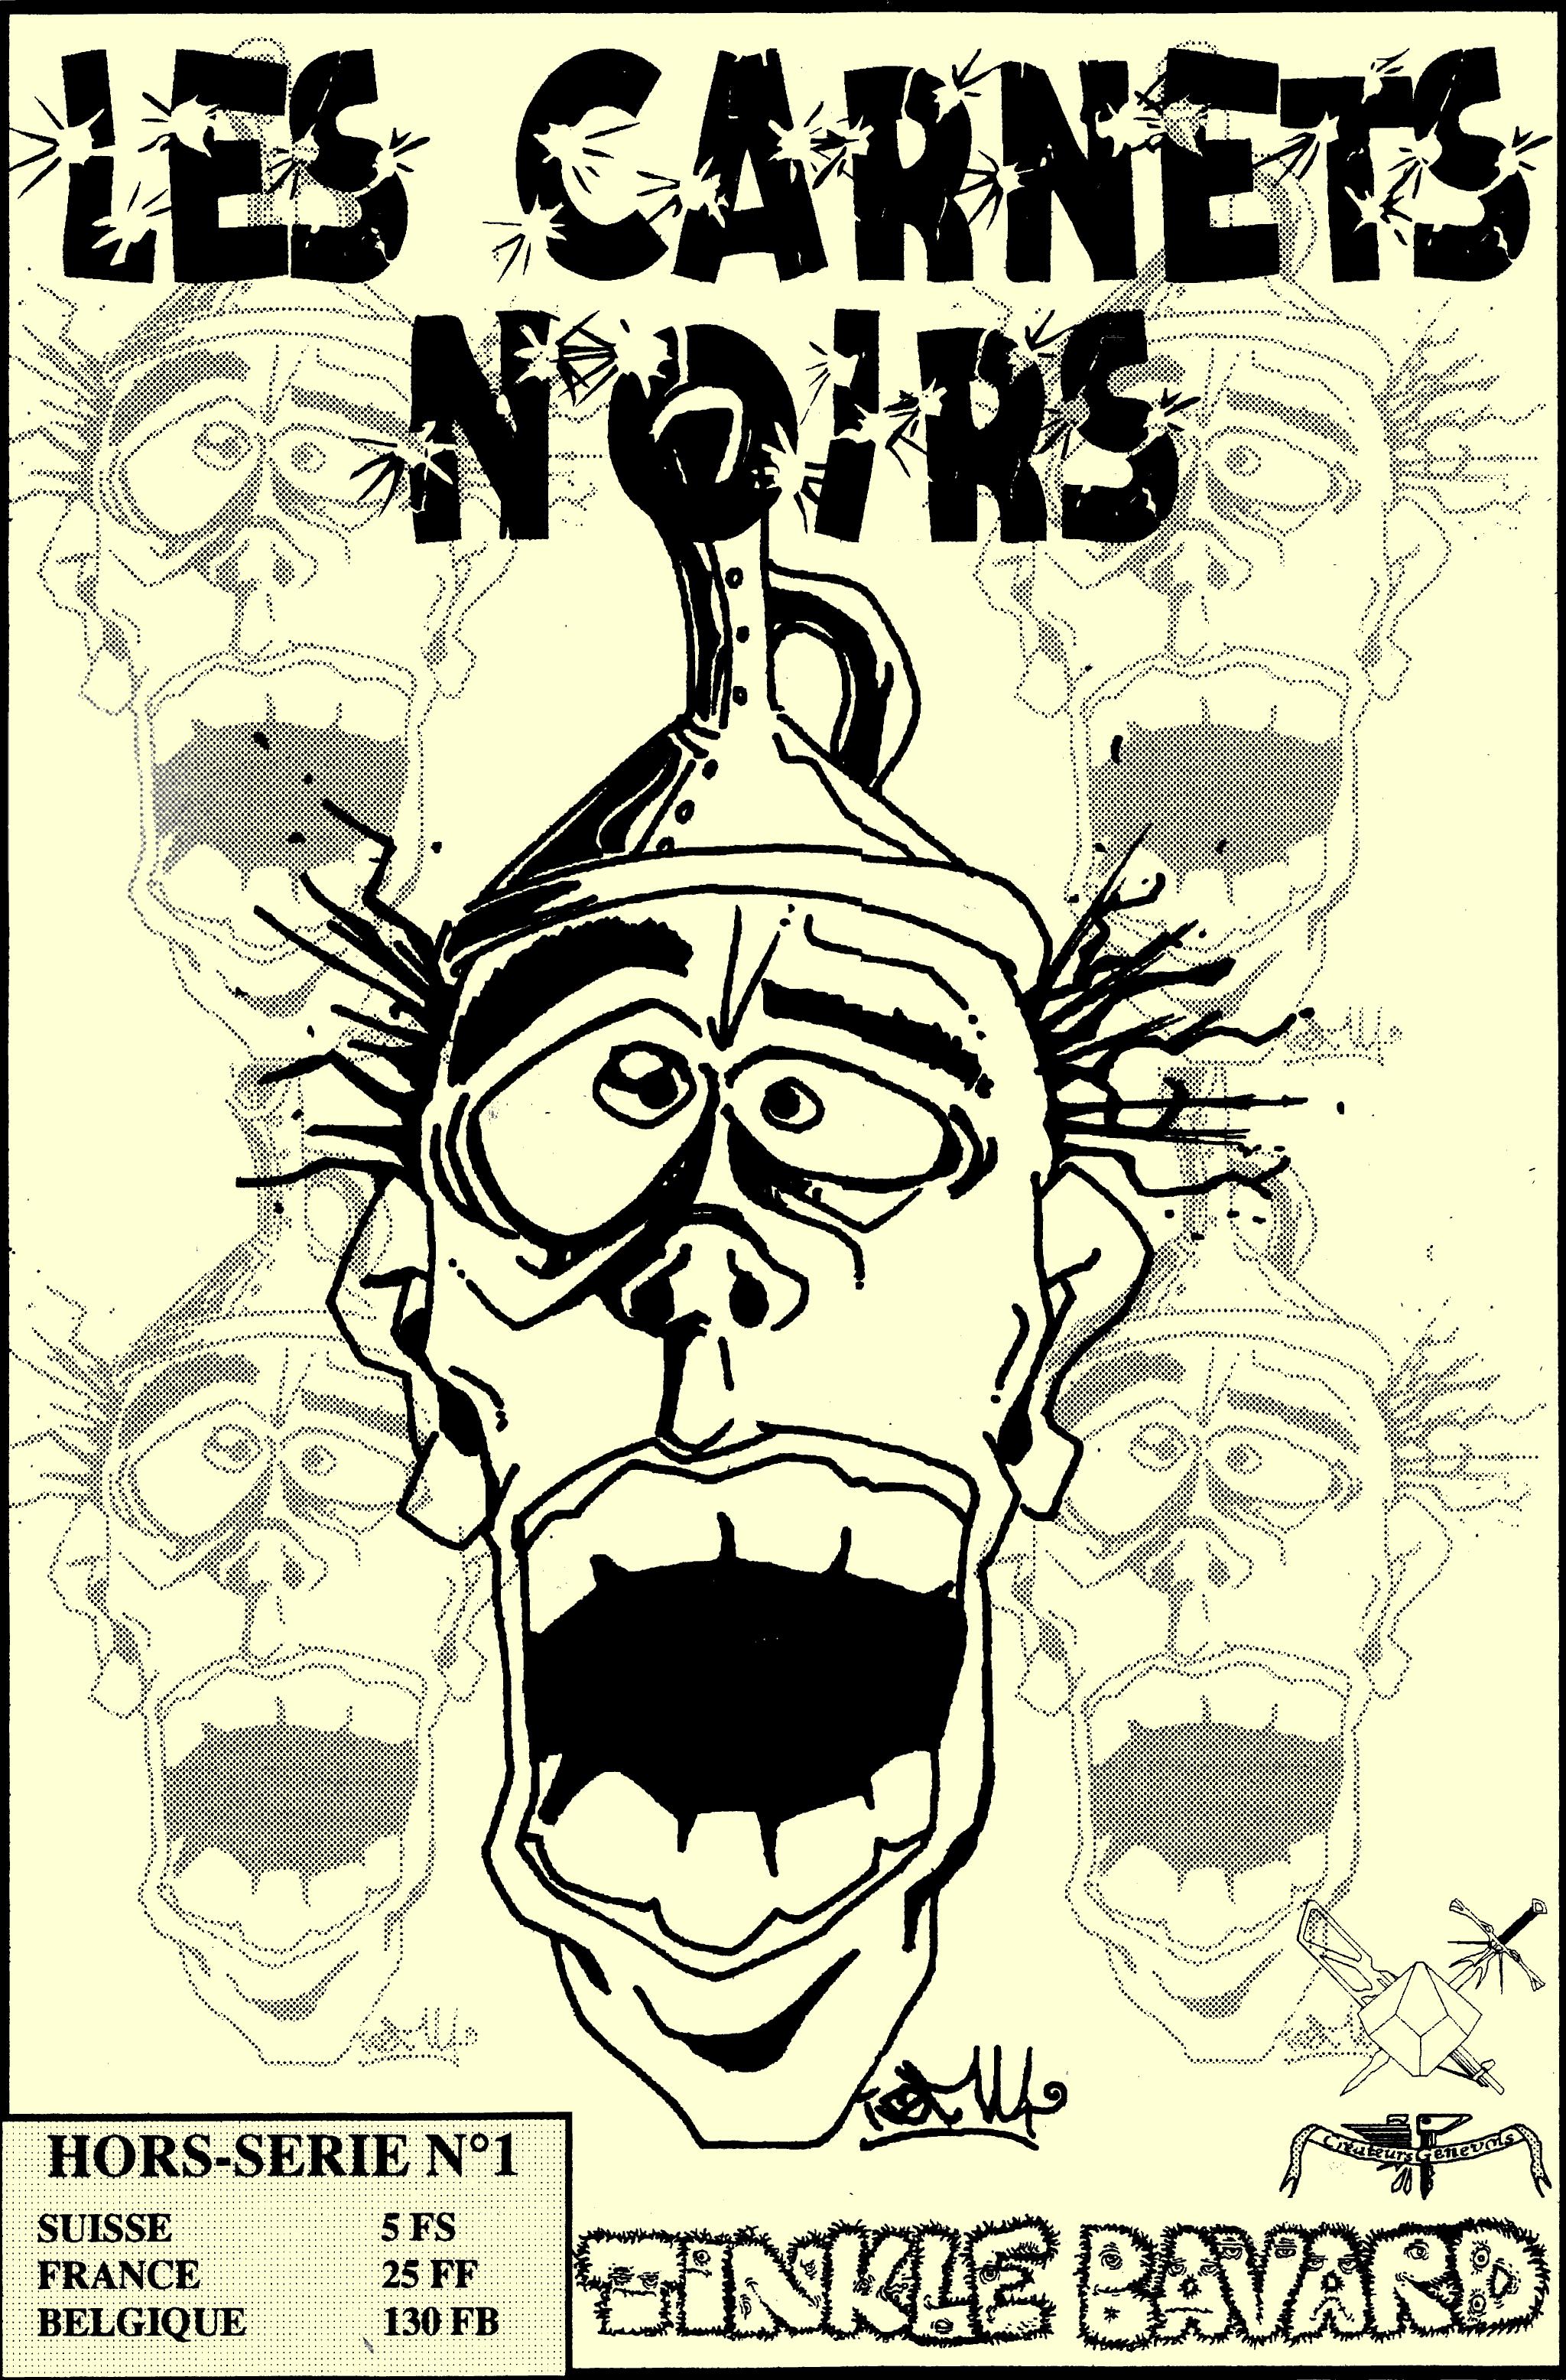 Un visage fou avec un entonnoir sur la tête